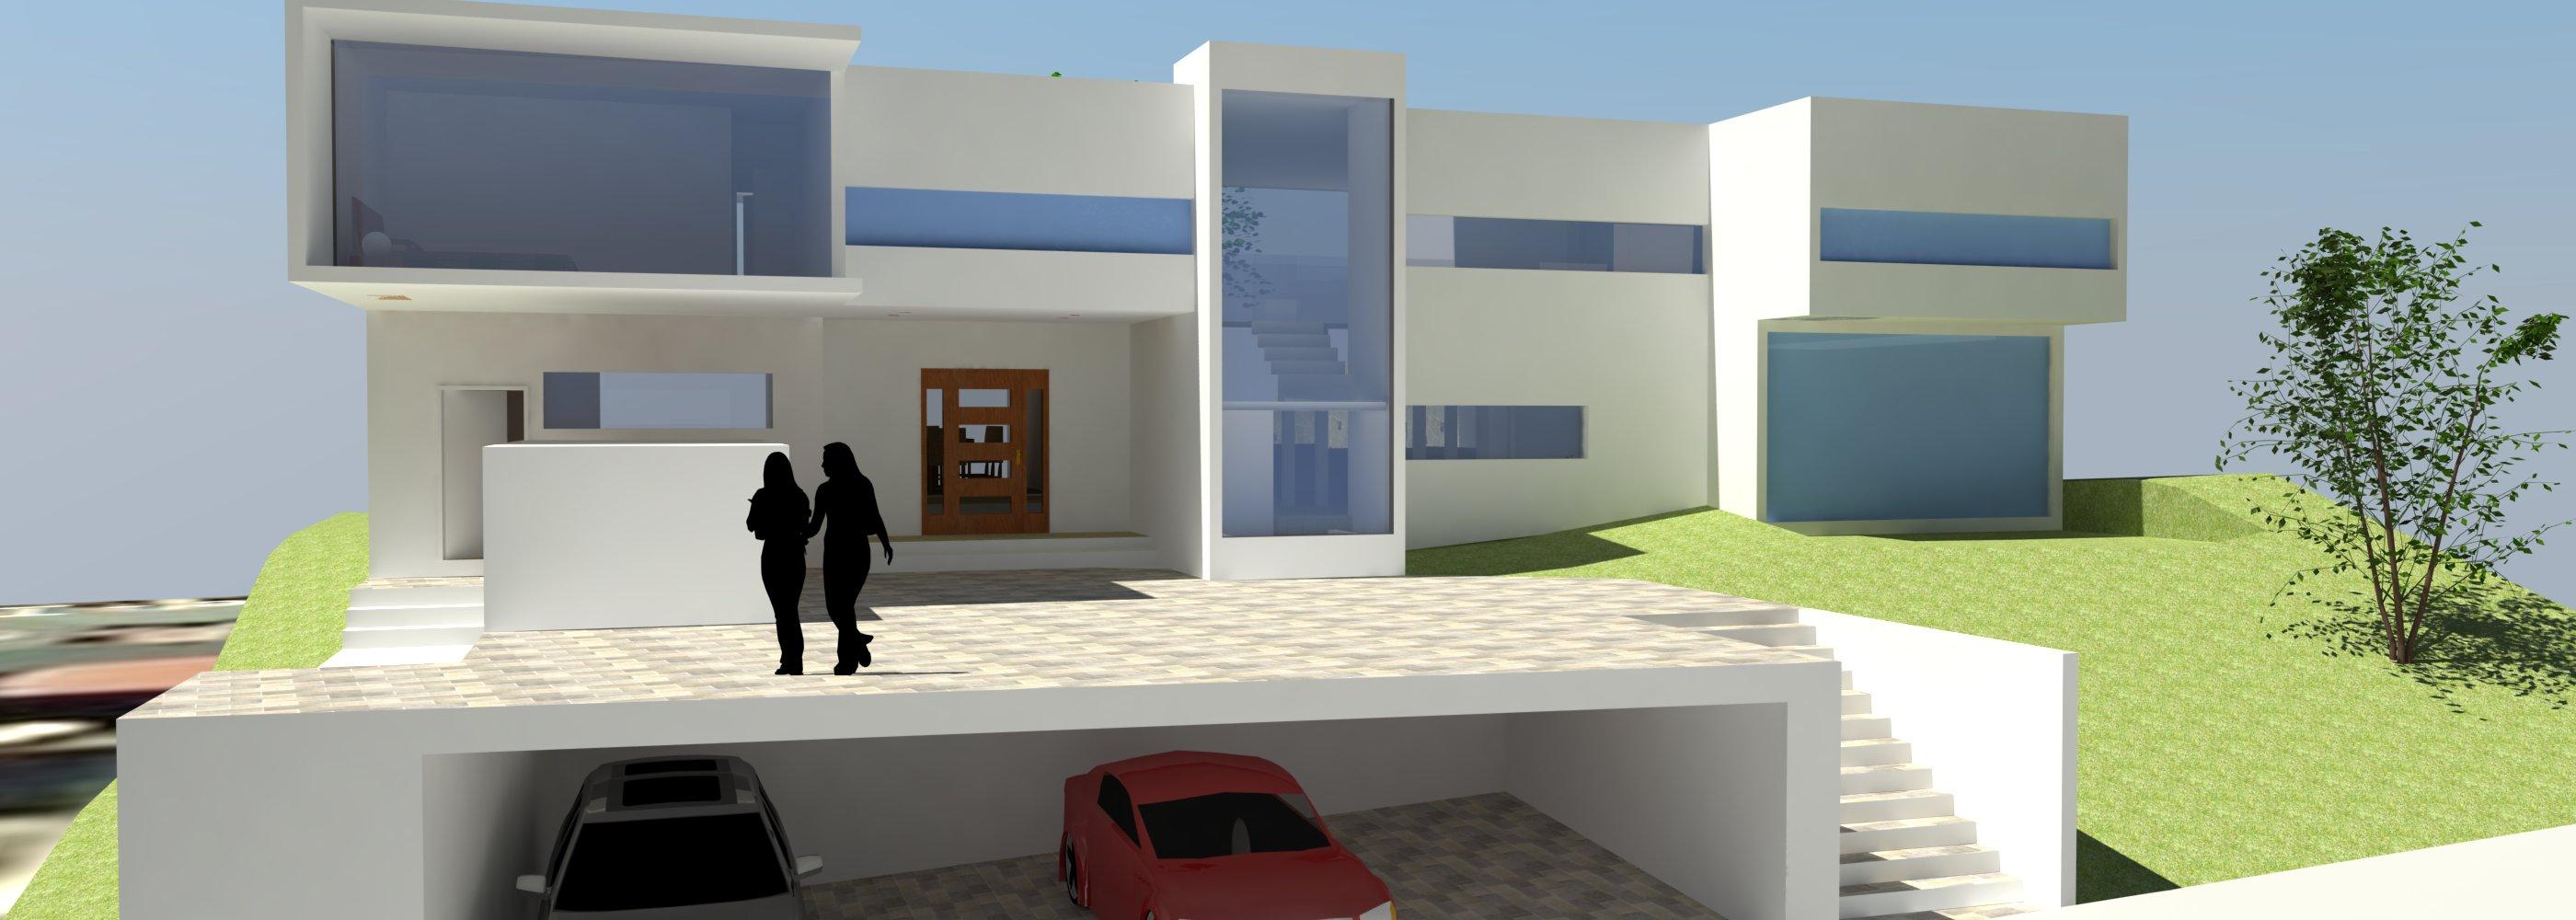 Foto de Arquitectura RV